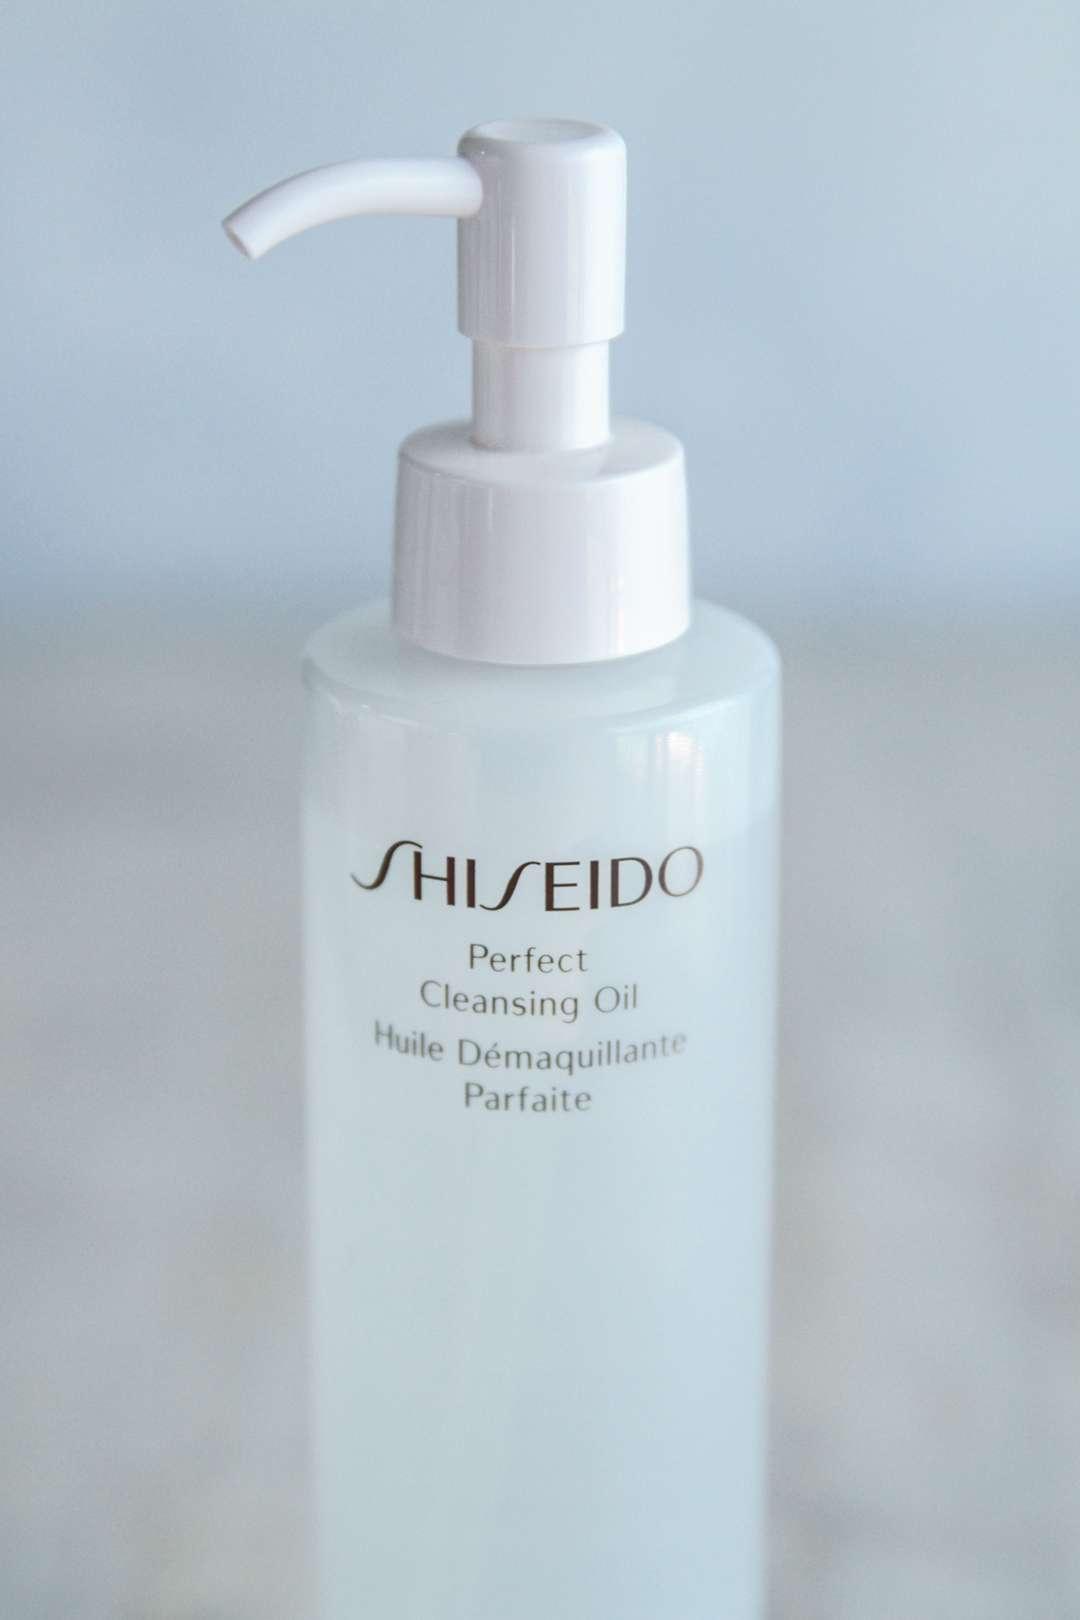 Shiseido cleansing oil for dry skin